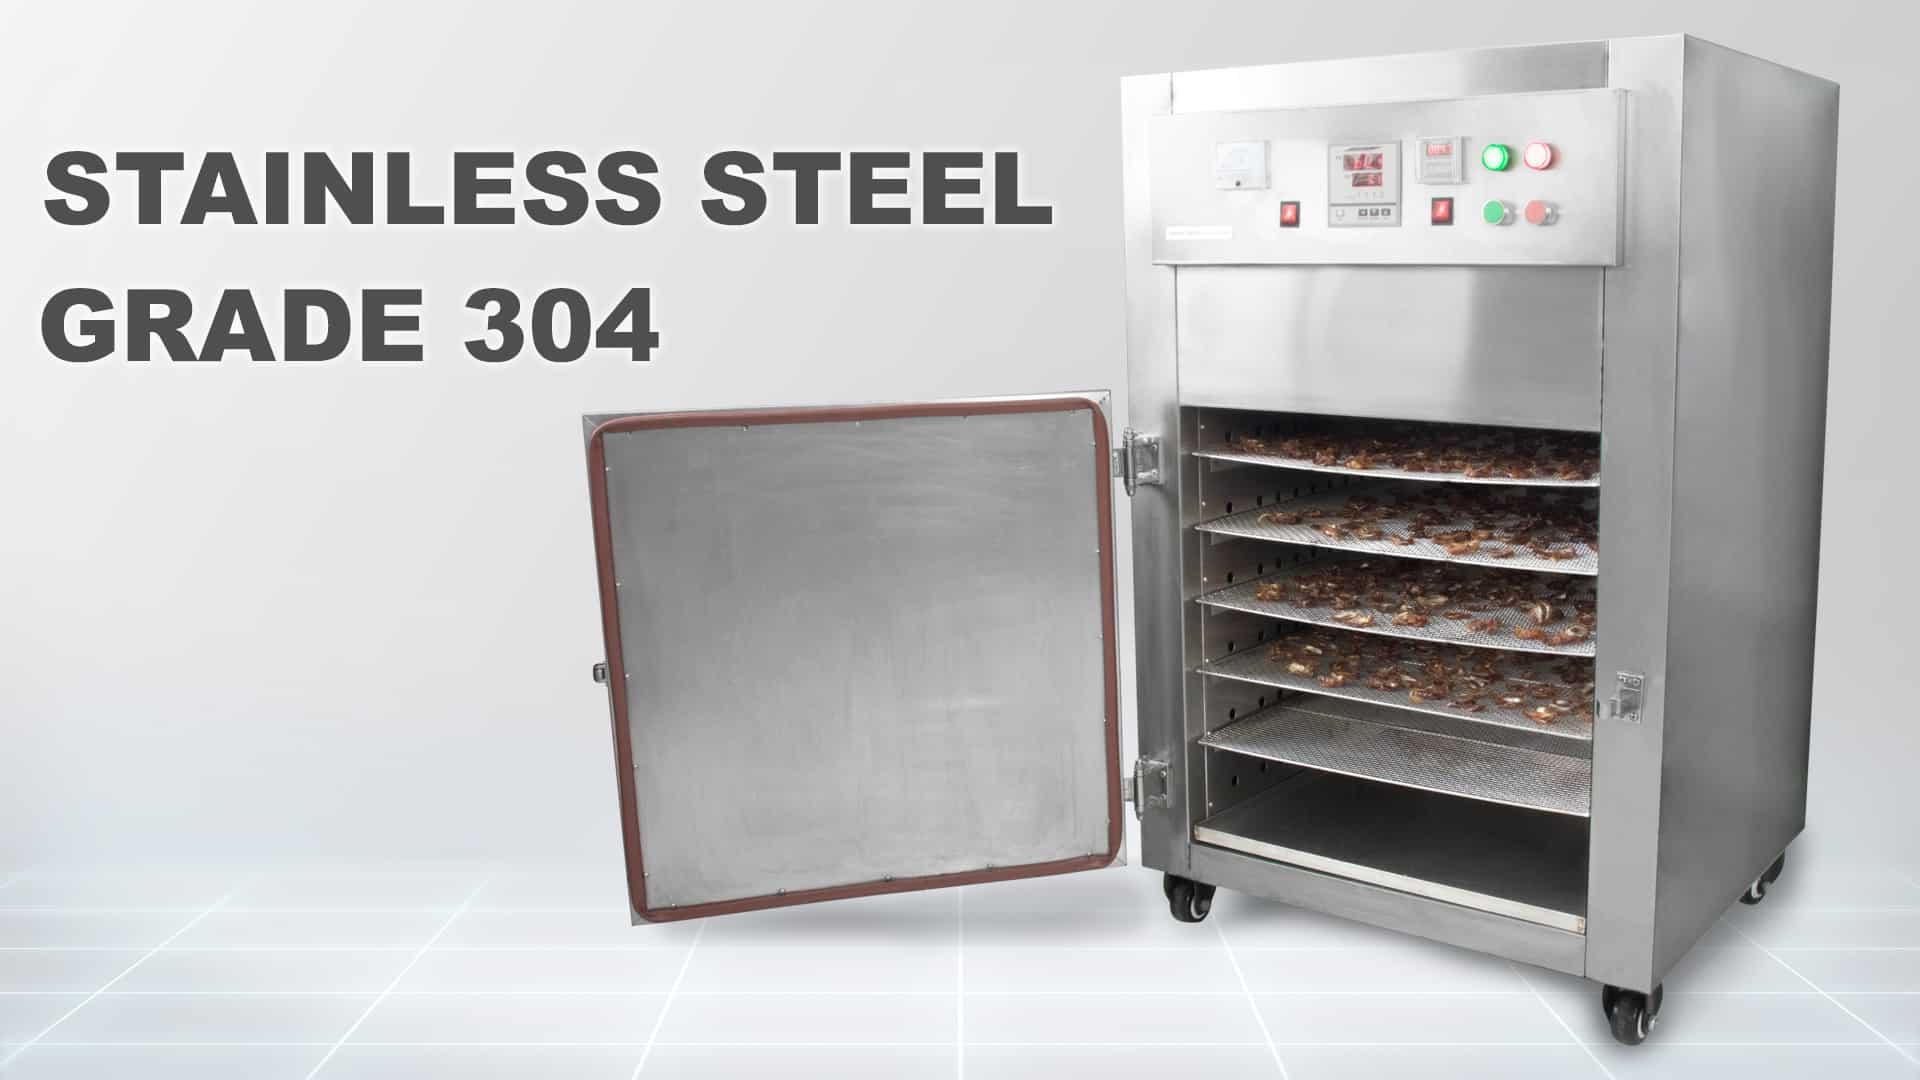 Máy sấy thực phẩm khí nóng công nghiệp GE được làm từ inox 304 tiêu chuẩn thực phẩm